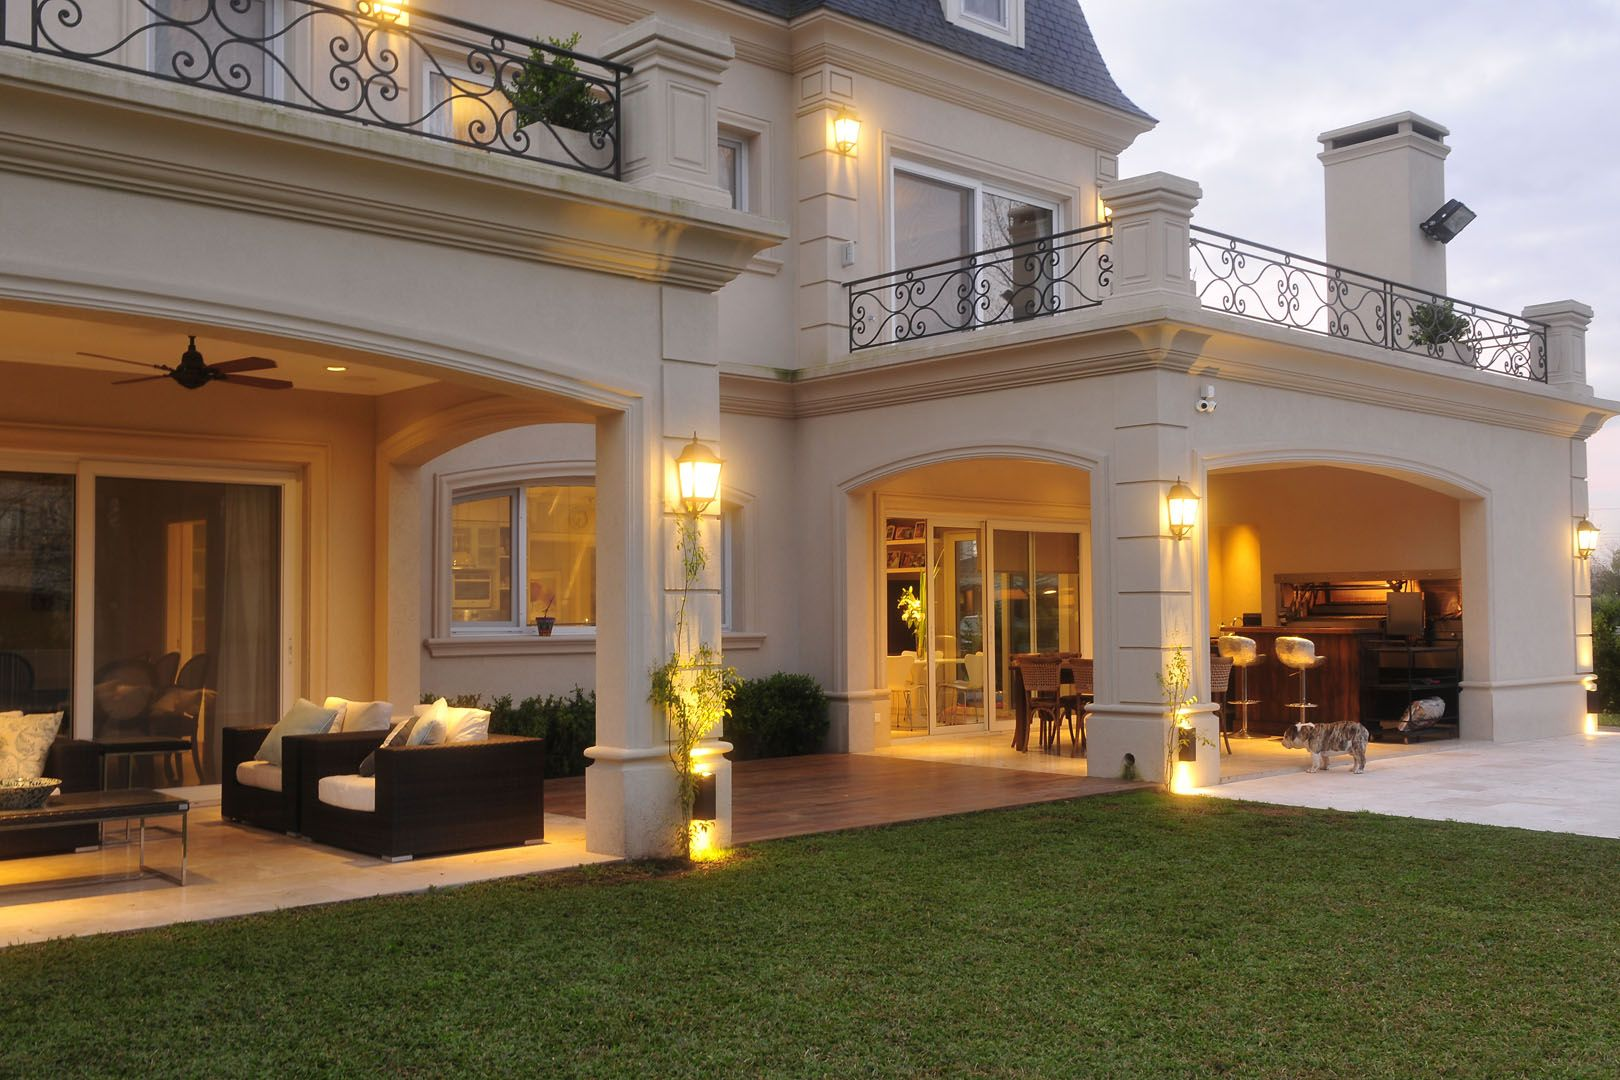 Fern ndez borda arquitectura casas modernas pinterest for Fachadas de casas modernas a desnivel